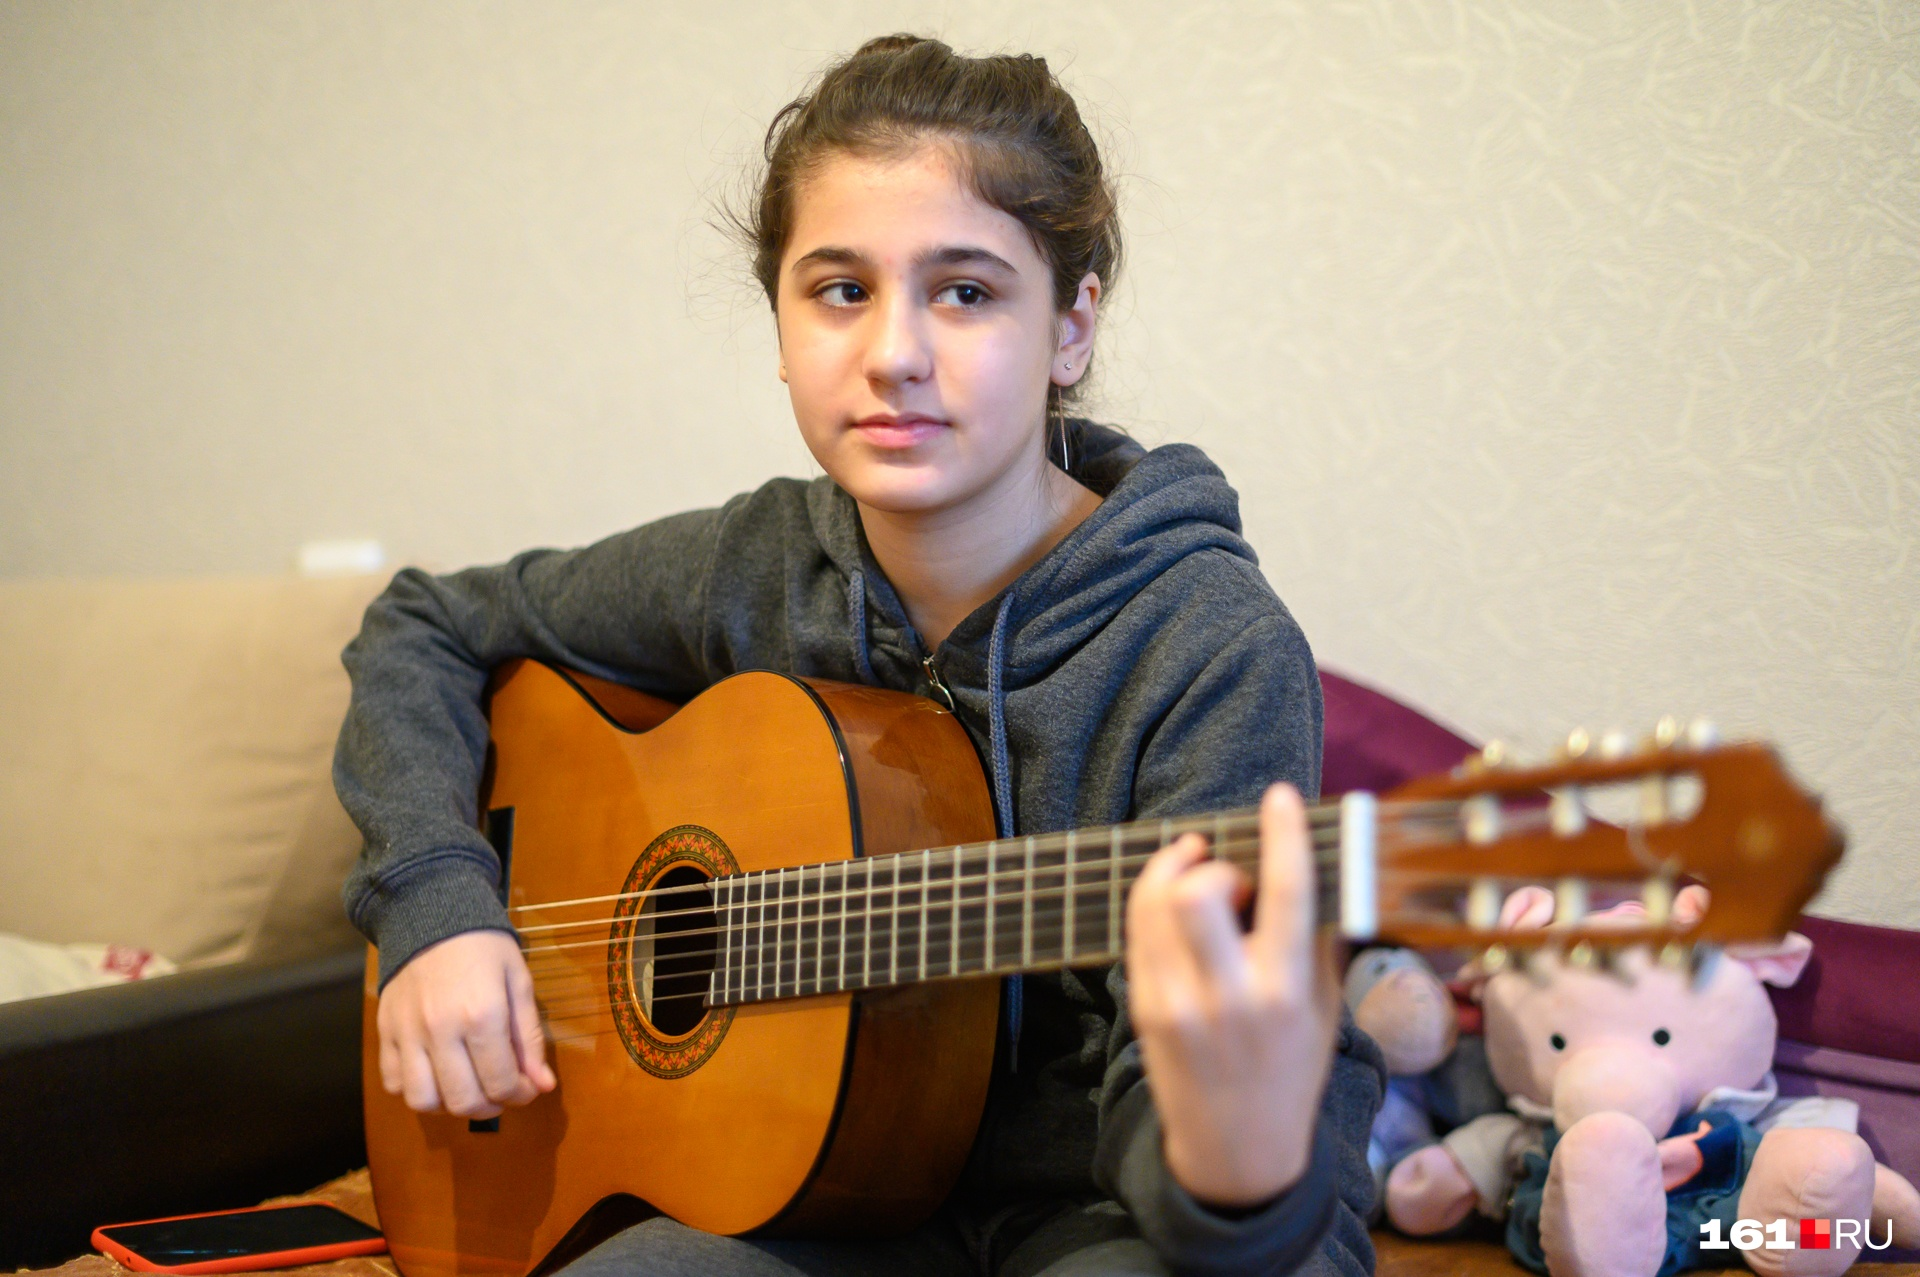 Старшая дочь Алина учится в музыкальной школе